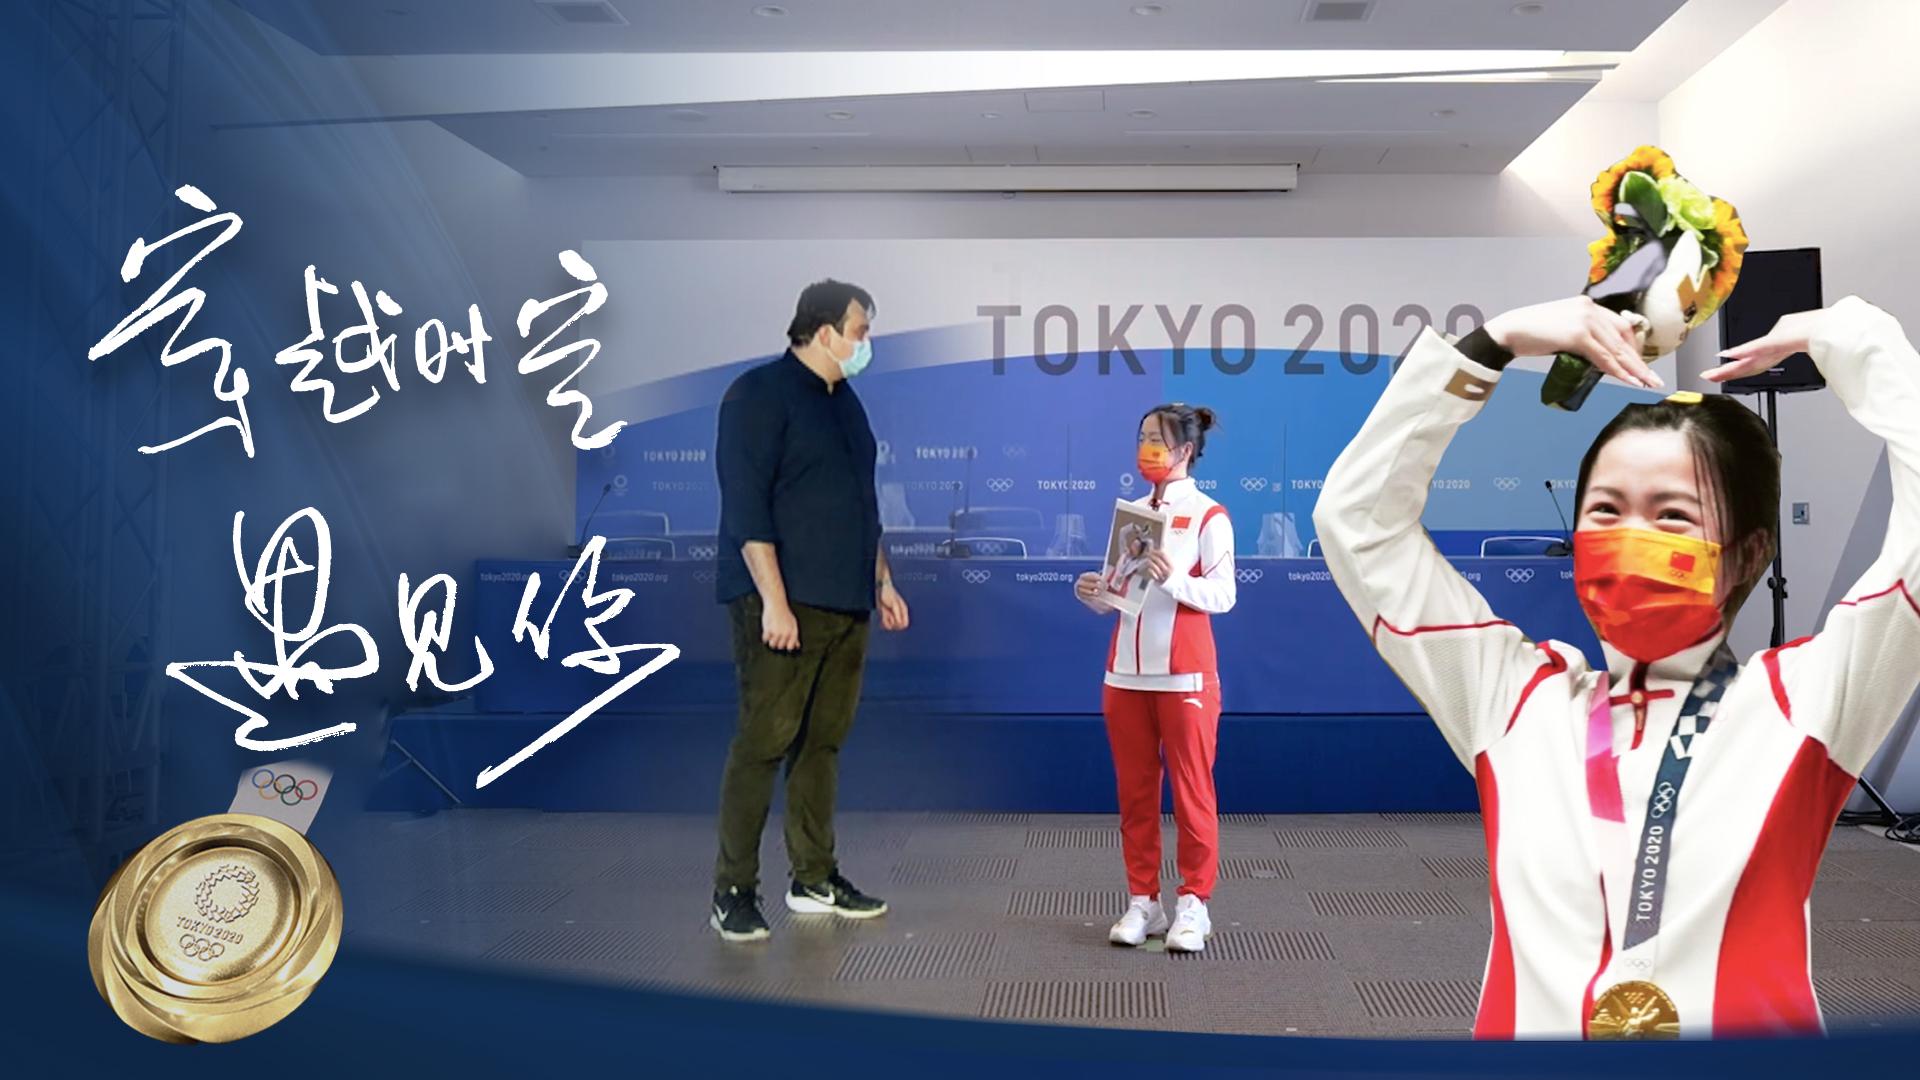 Meet Yang Qian: Tokyo's first gold medalist